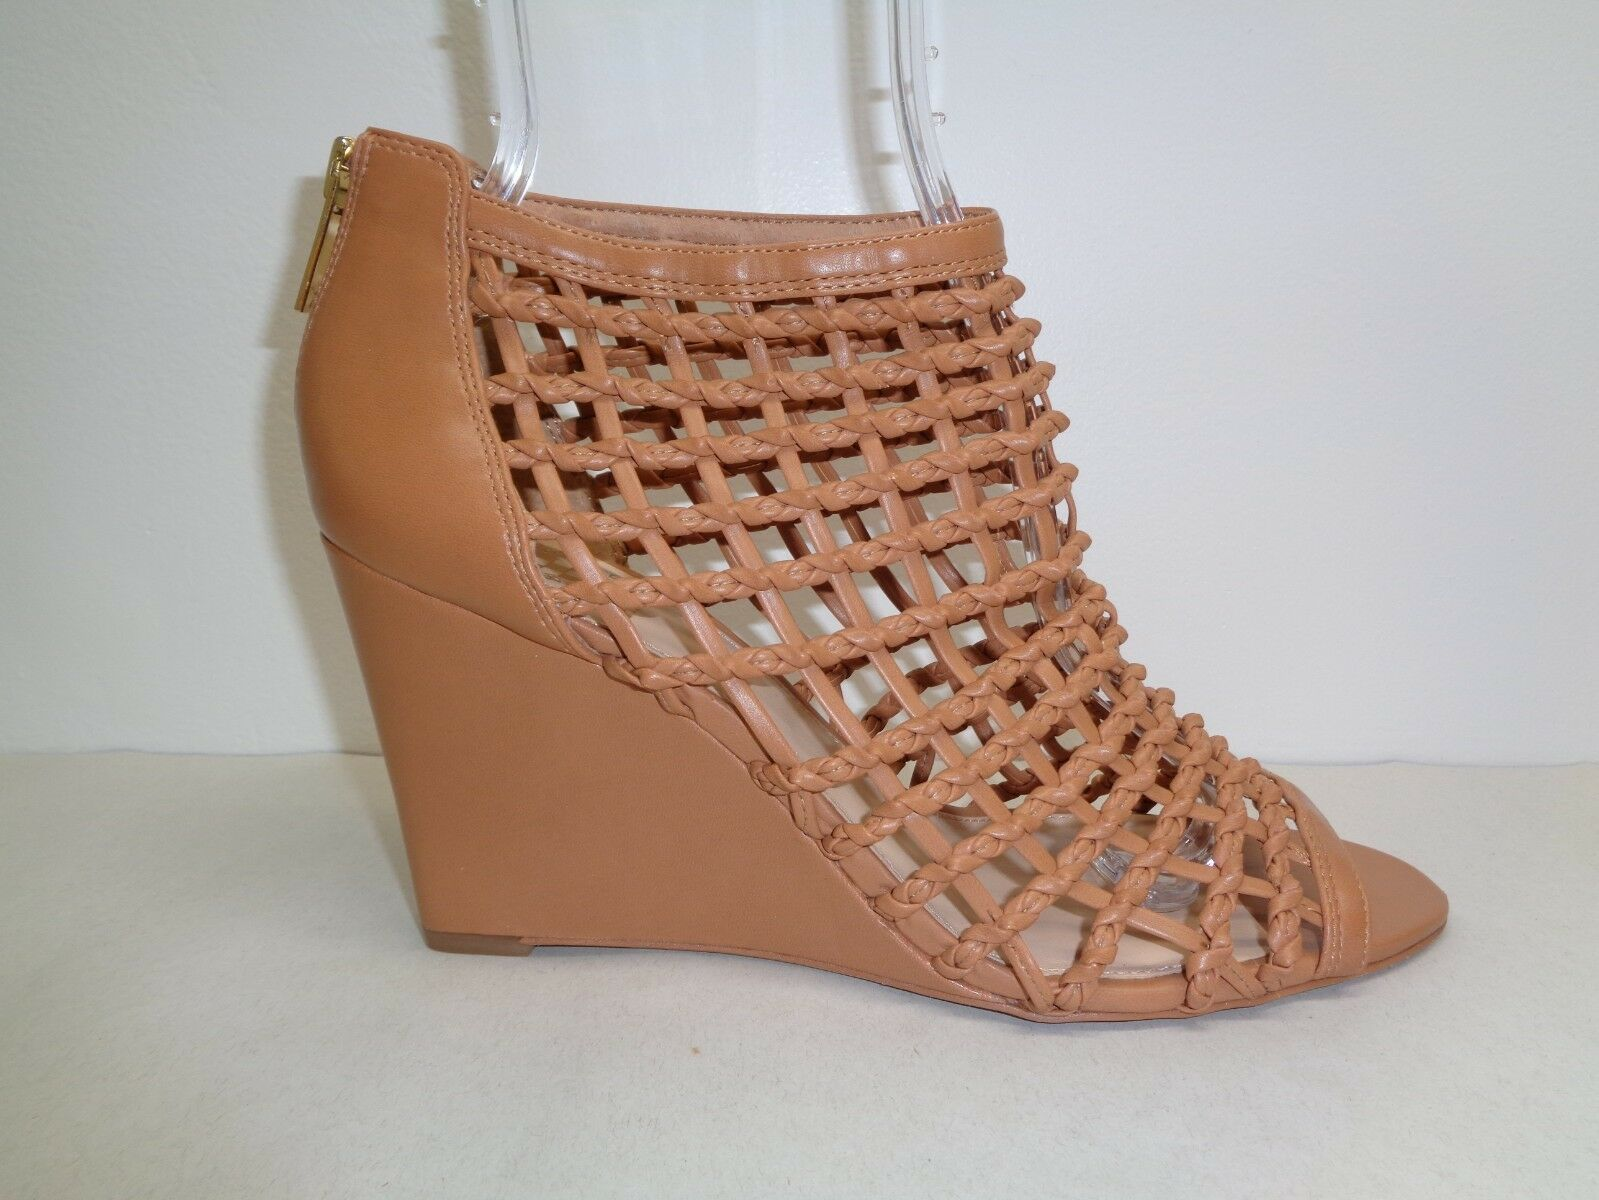 Vince Camuto tamaño tamaño tamaño 9.5 M xya Marrón Tostado Cuña Tacón enjaulado Sandalias Nuevos Mujer Zapatos  marca de lujo